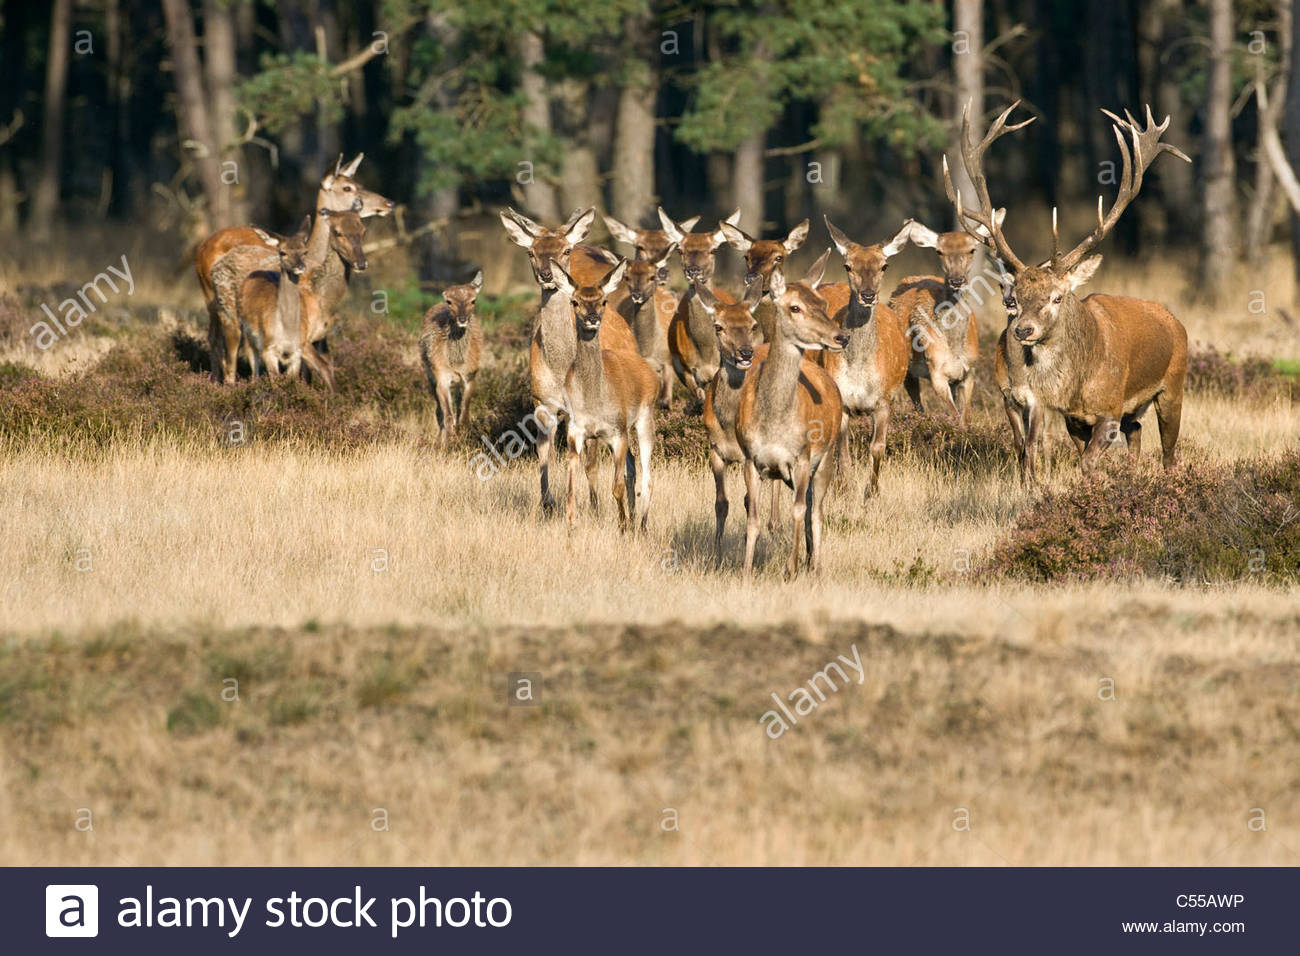 Los Países Bajos, Otterloo, llamado Parque Nacional De Hoge Veluwe. Ciervo rojo (Cervus elaphus). Imagen De Stock